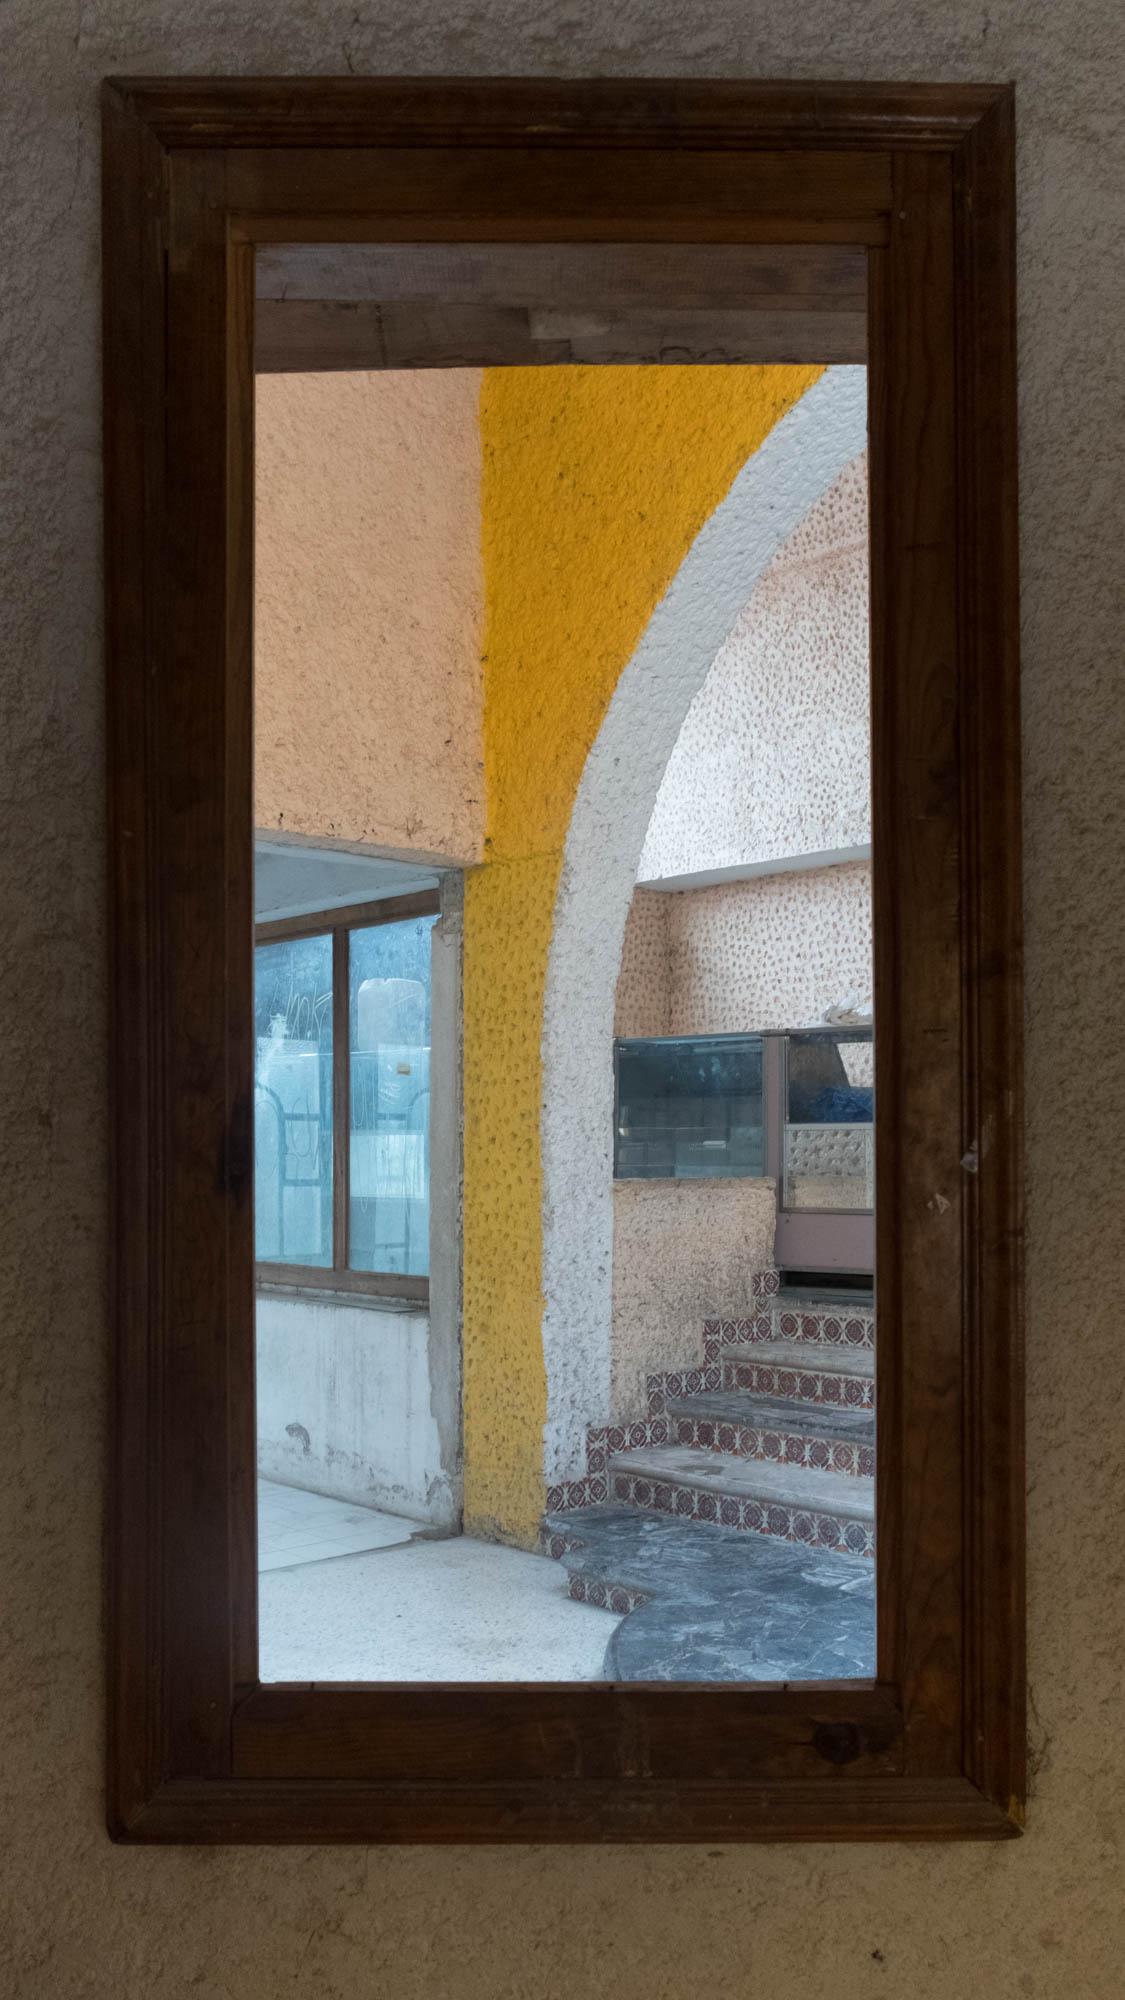 Mexico_SMA_Plaza el Real del Conde (25 of 39).jpg